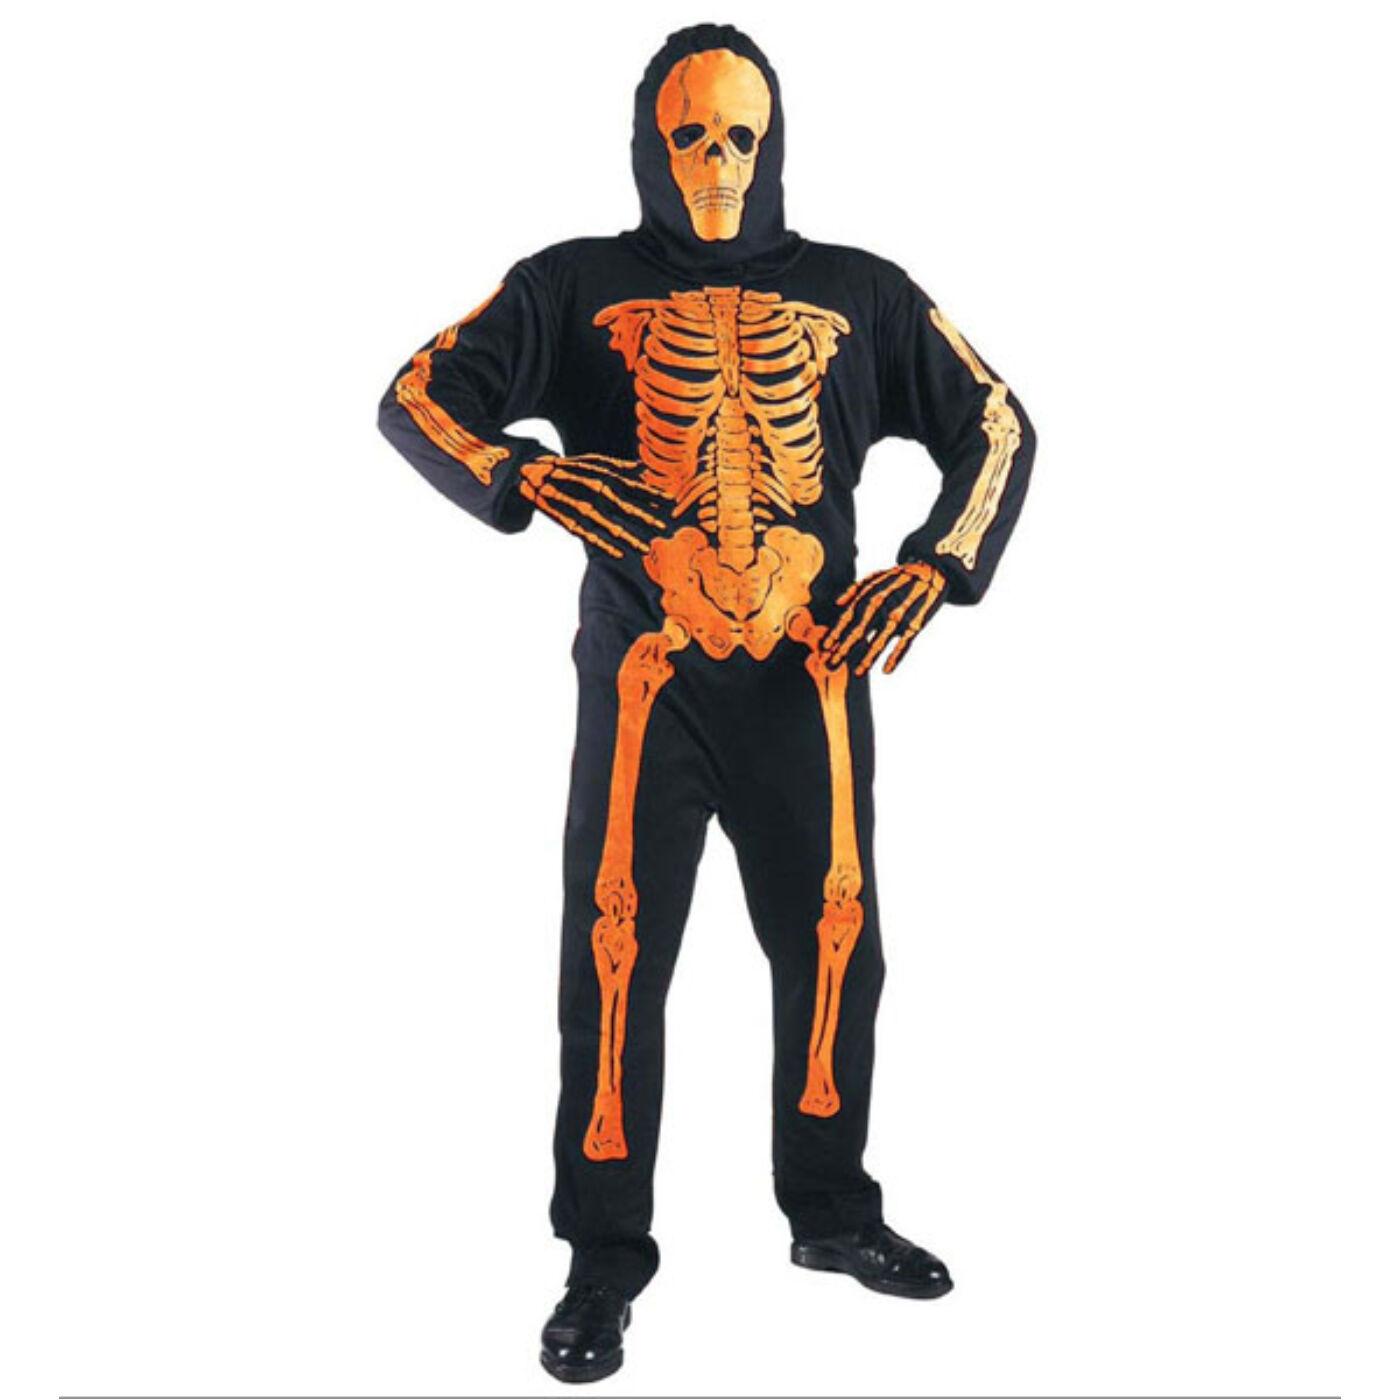 Neon csontváz jelmez 158-as